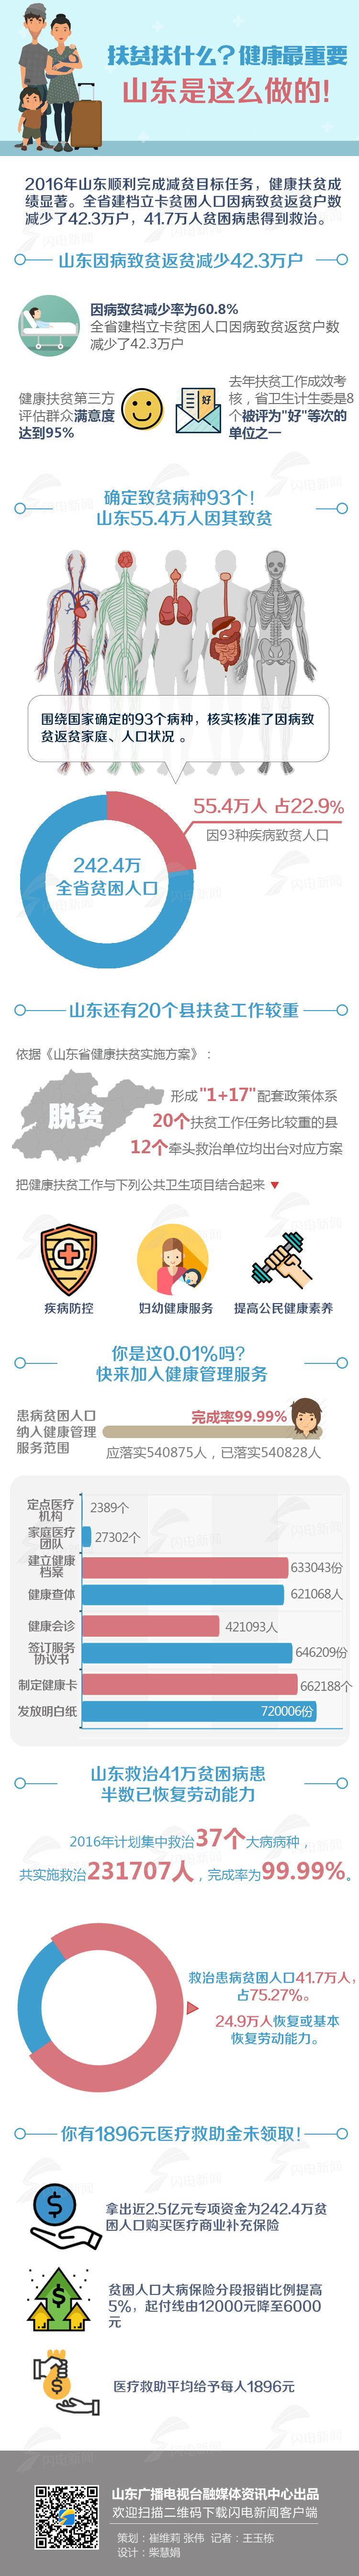 20170815扶贫.jpg